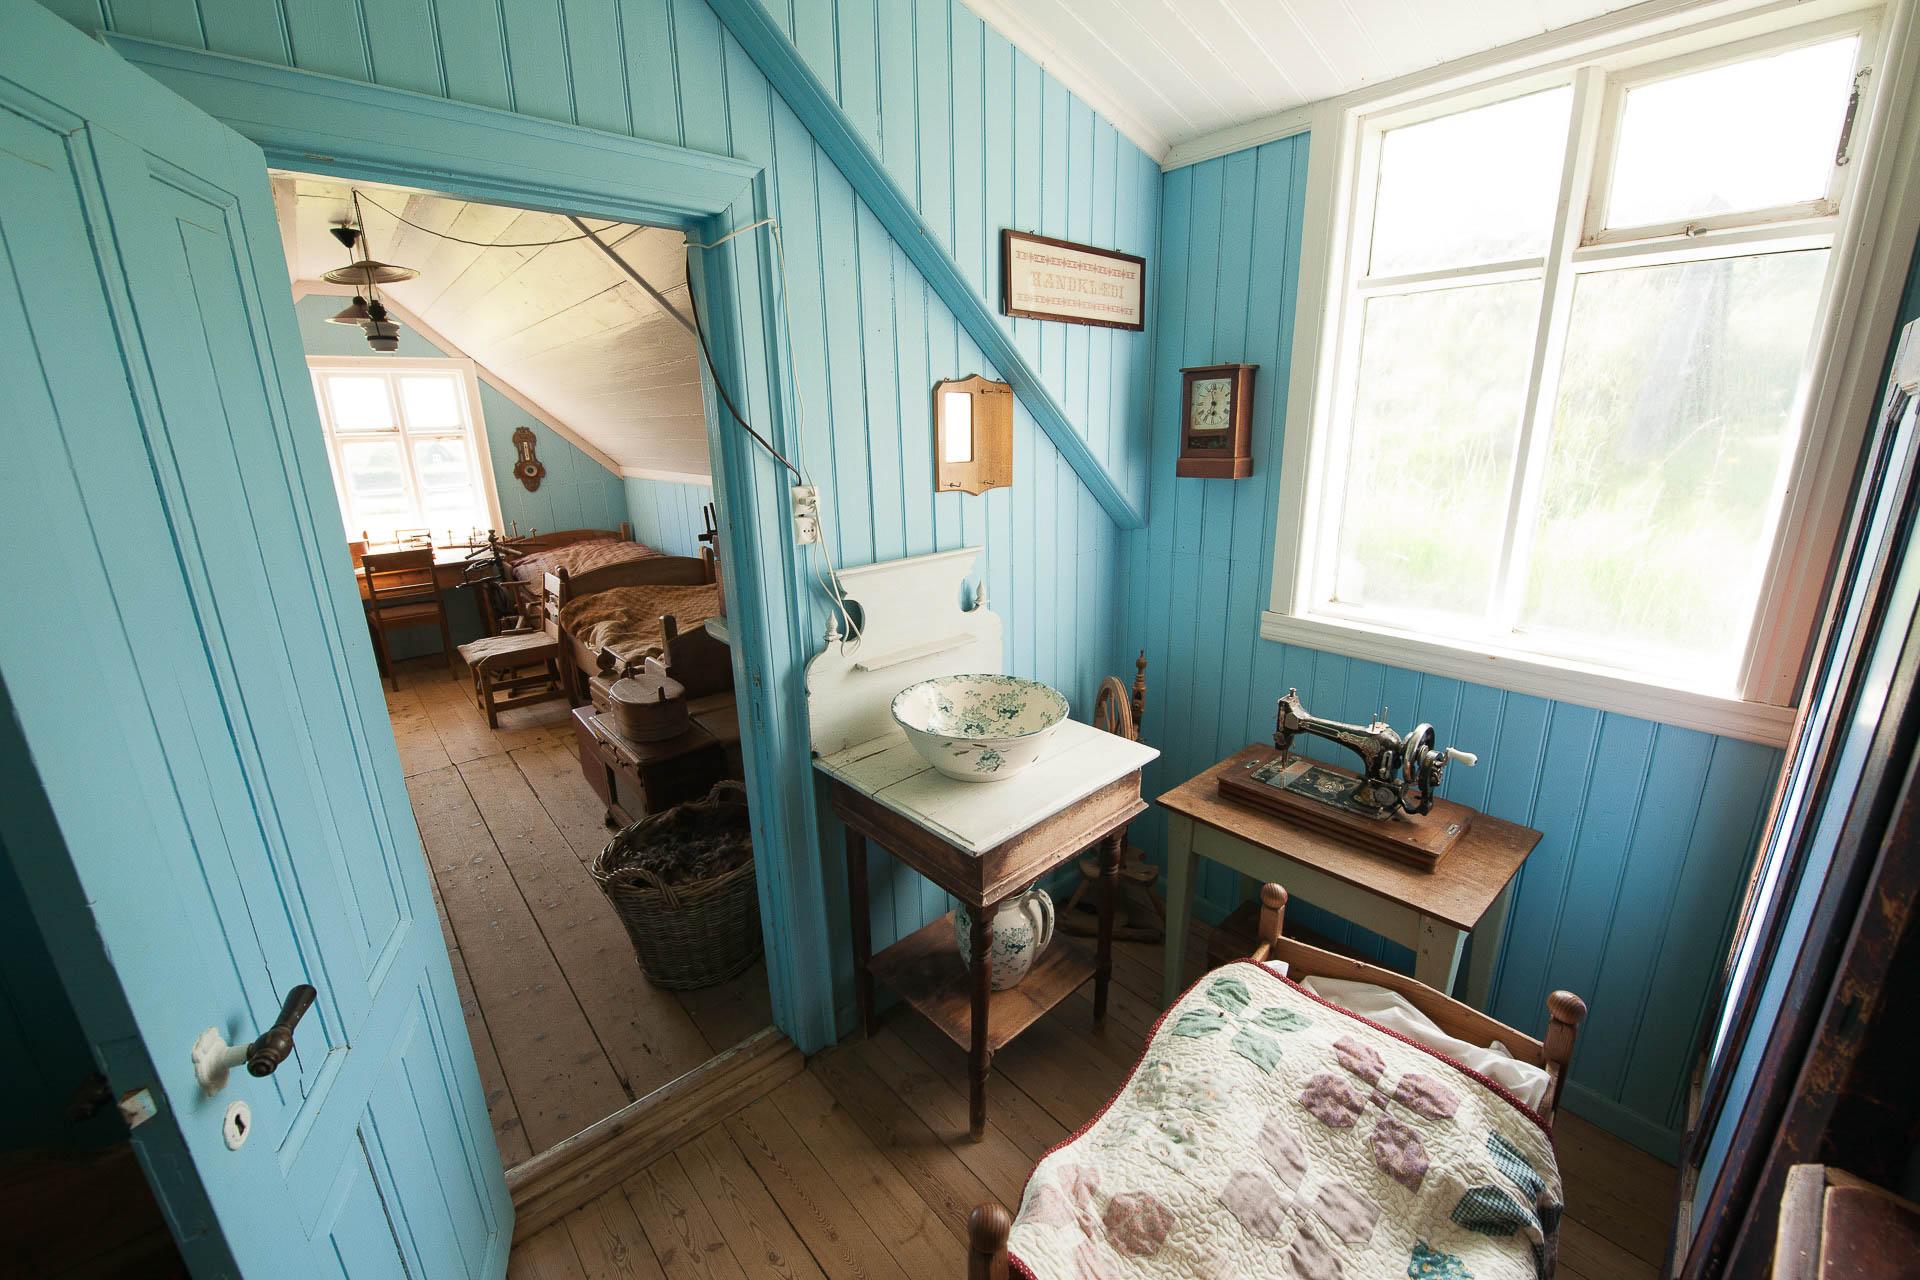 Fotostory von Redeleit und Junker - Stube mit Nähmaschine im Museum Skógafsafn in Island